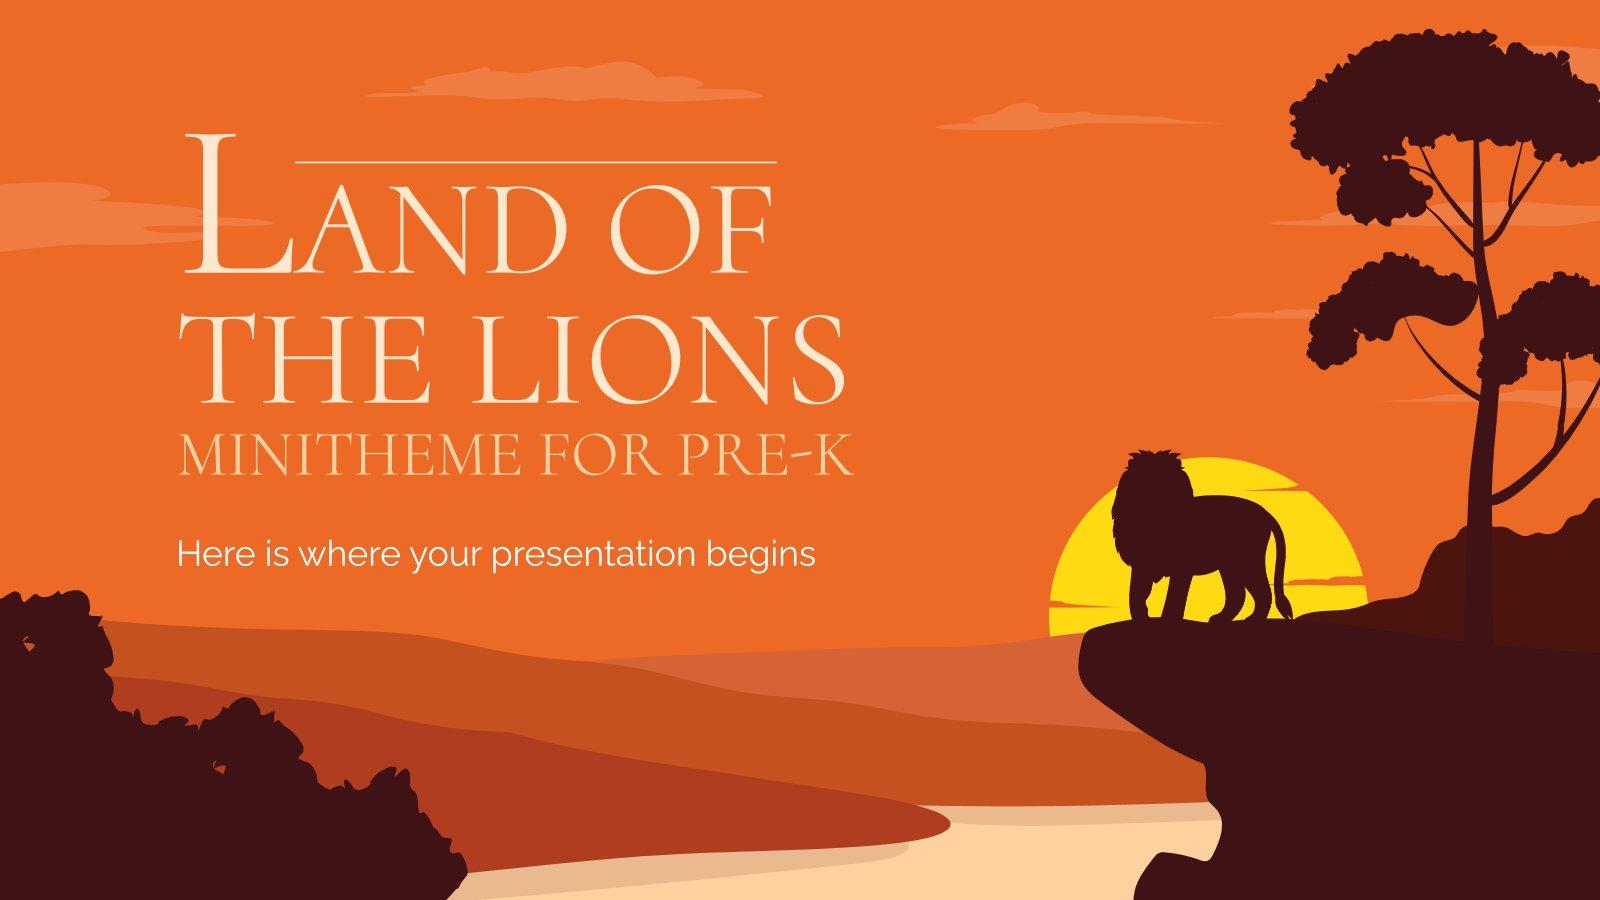 Plantilla de presentación Minitema: El reino de los leones